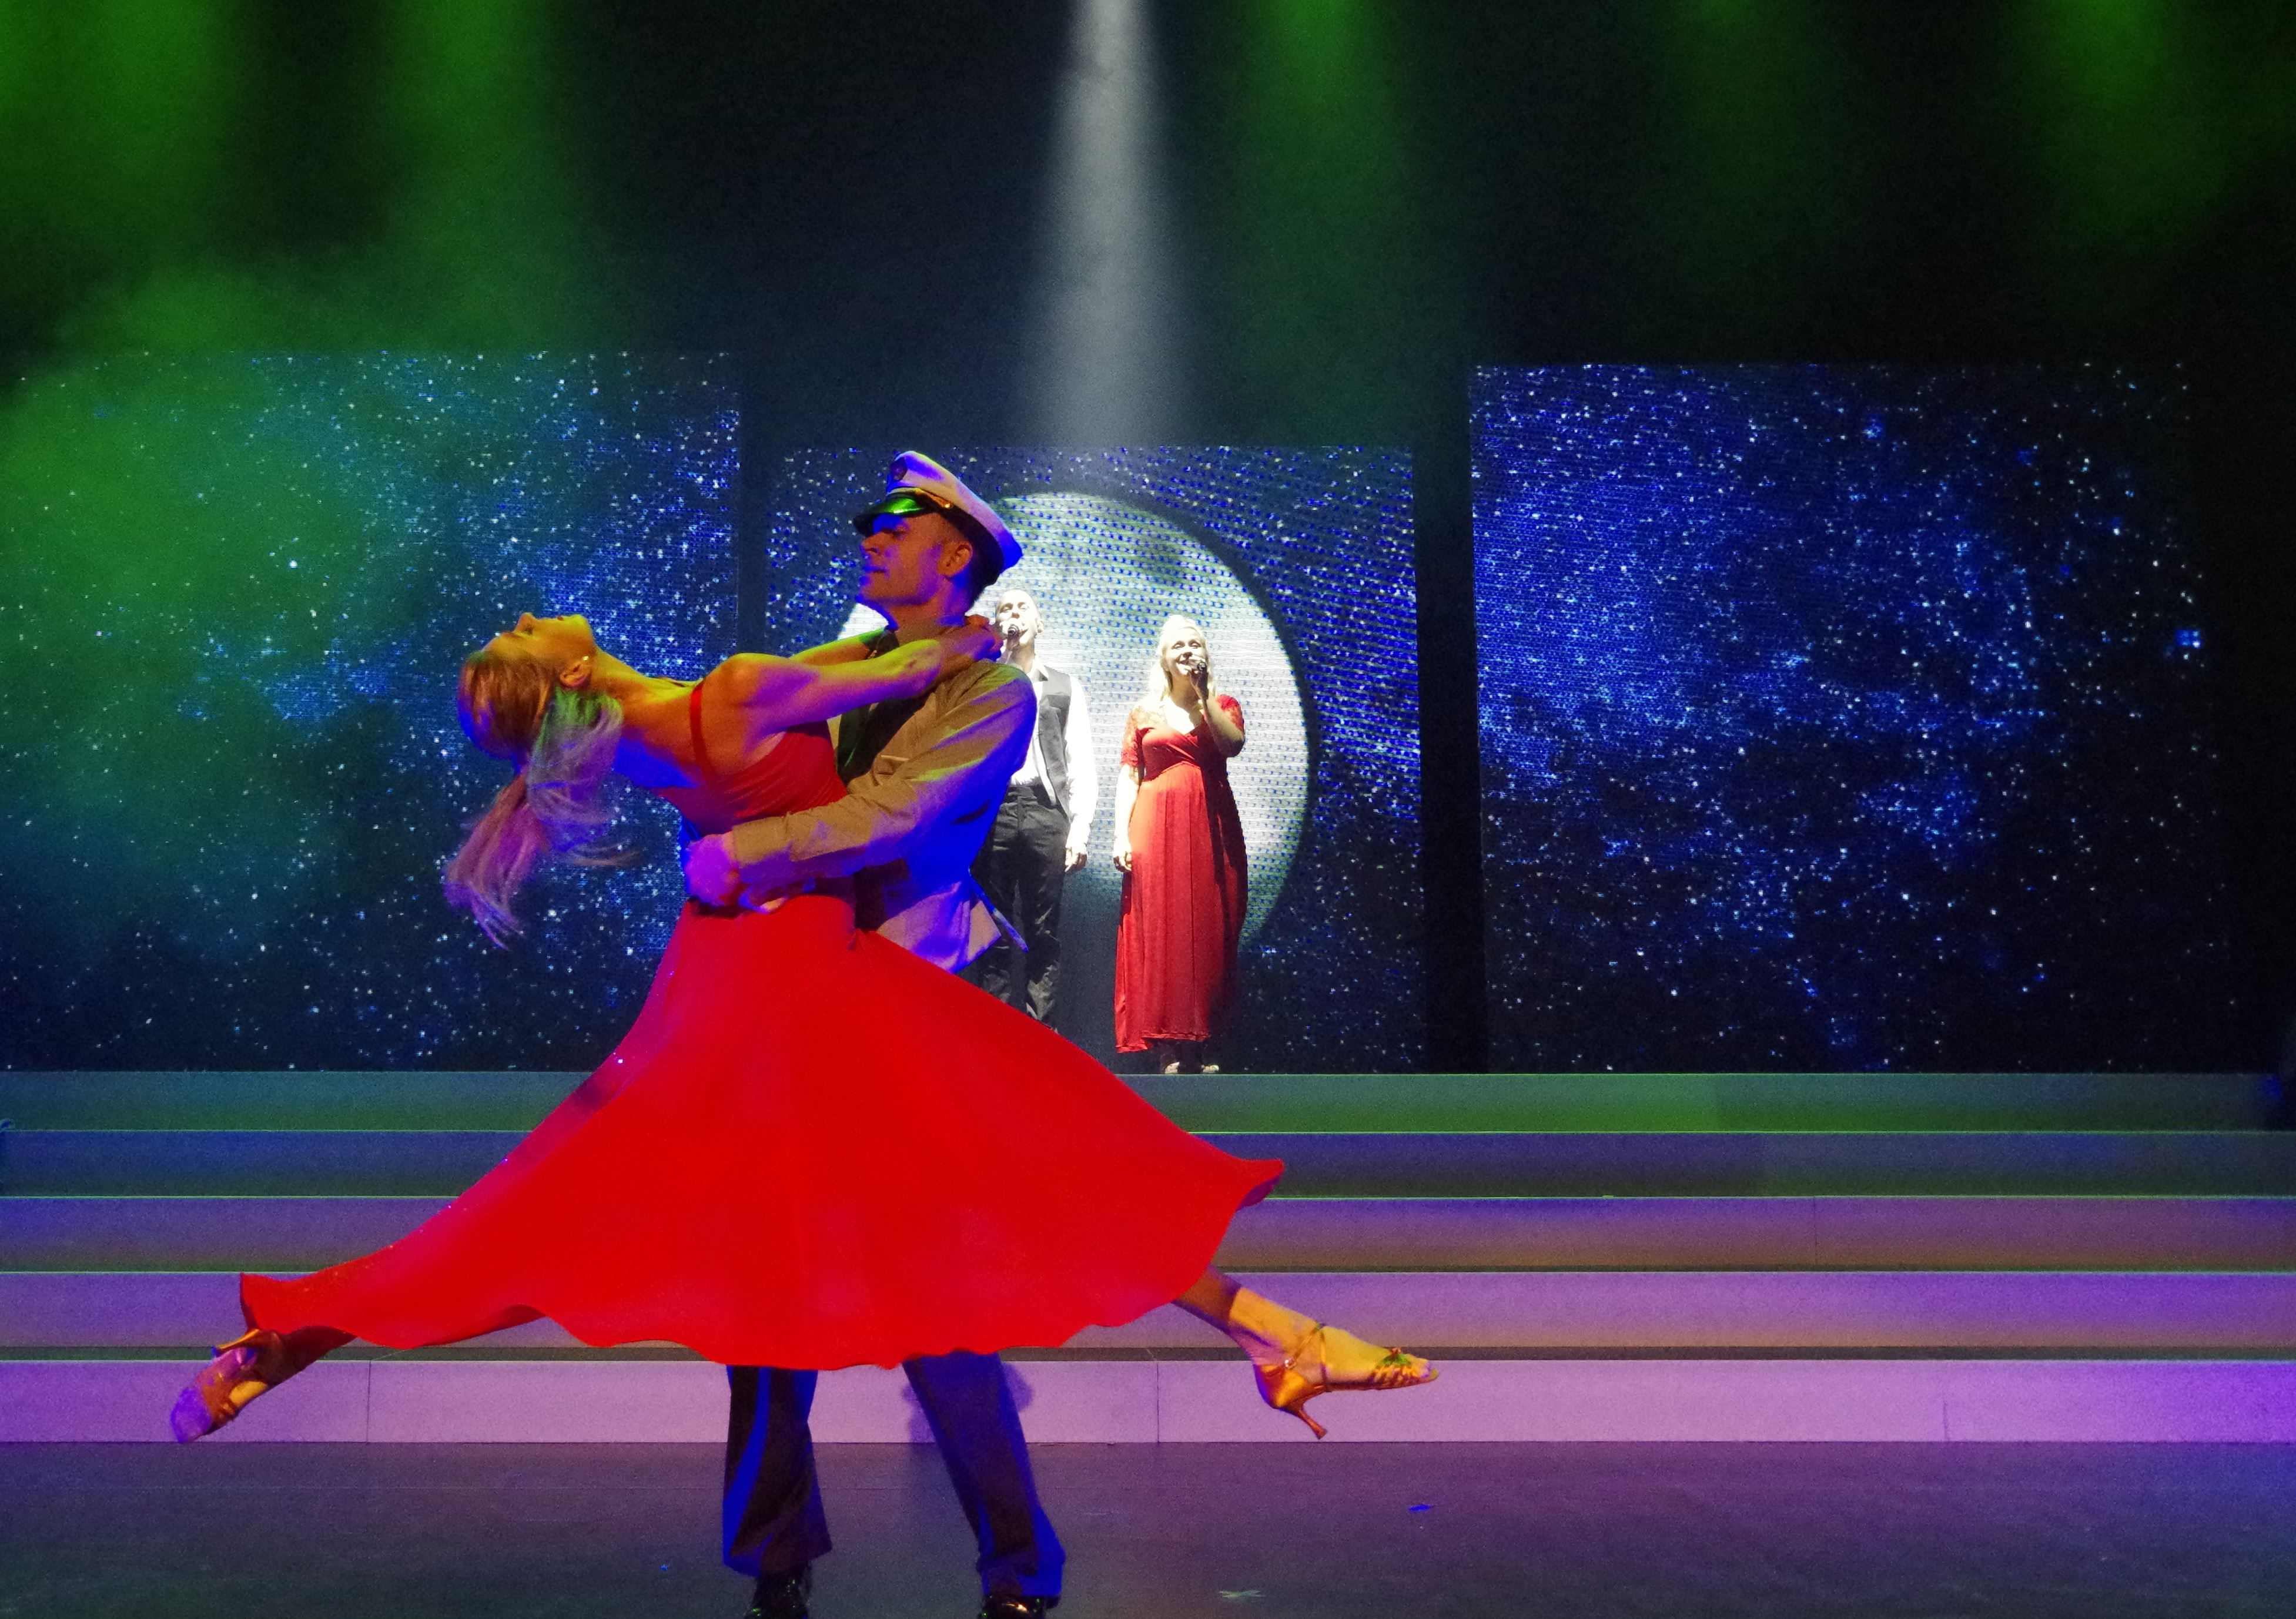 Musik & dans: Dansa samba med mig - en hyllning till Cornelis